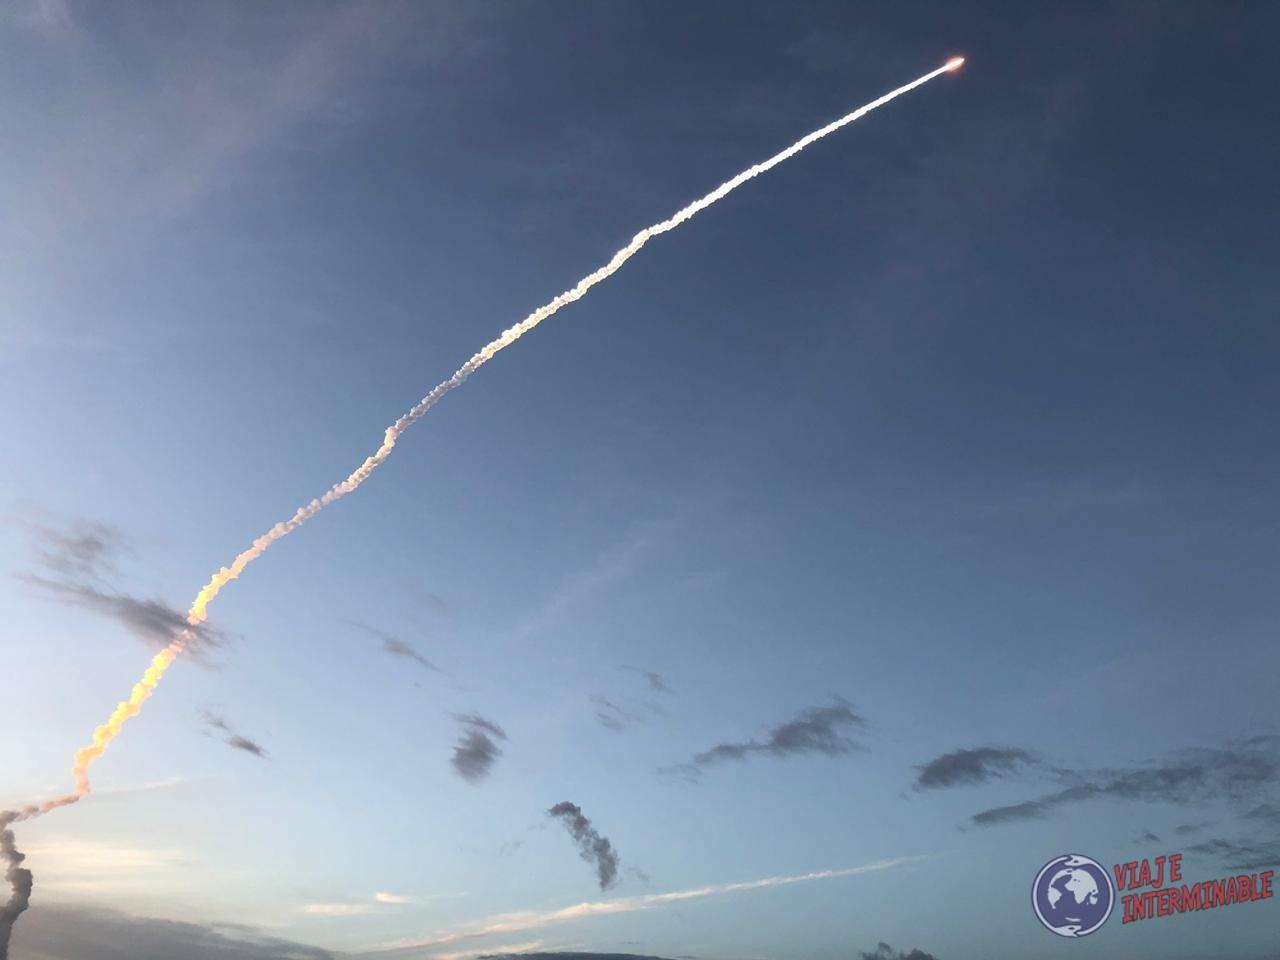 Lanzamiento Guayana Francesa Espacio Cohete